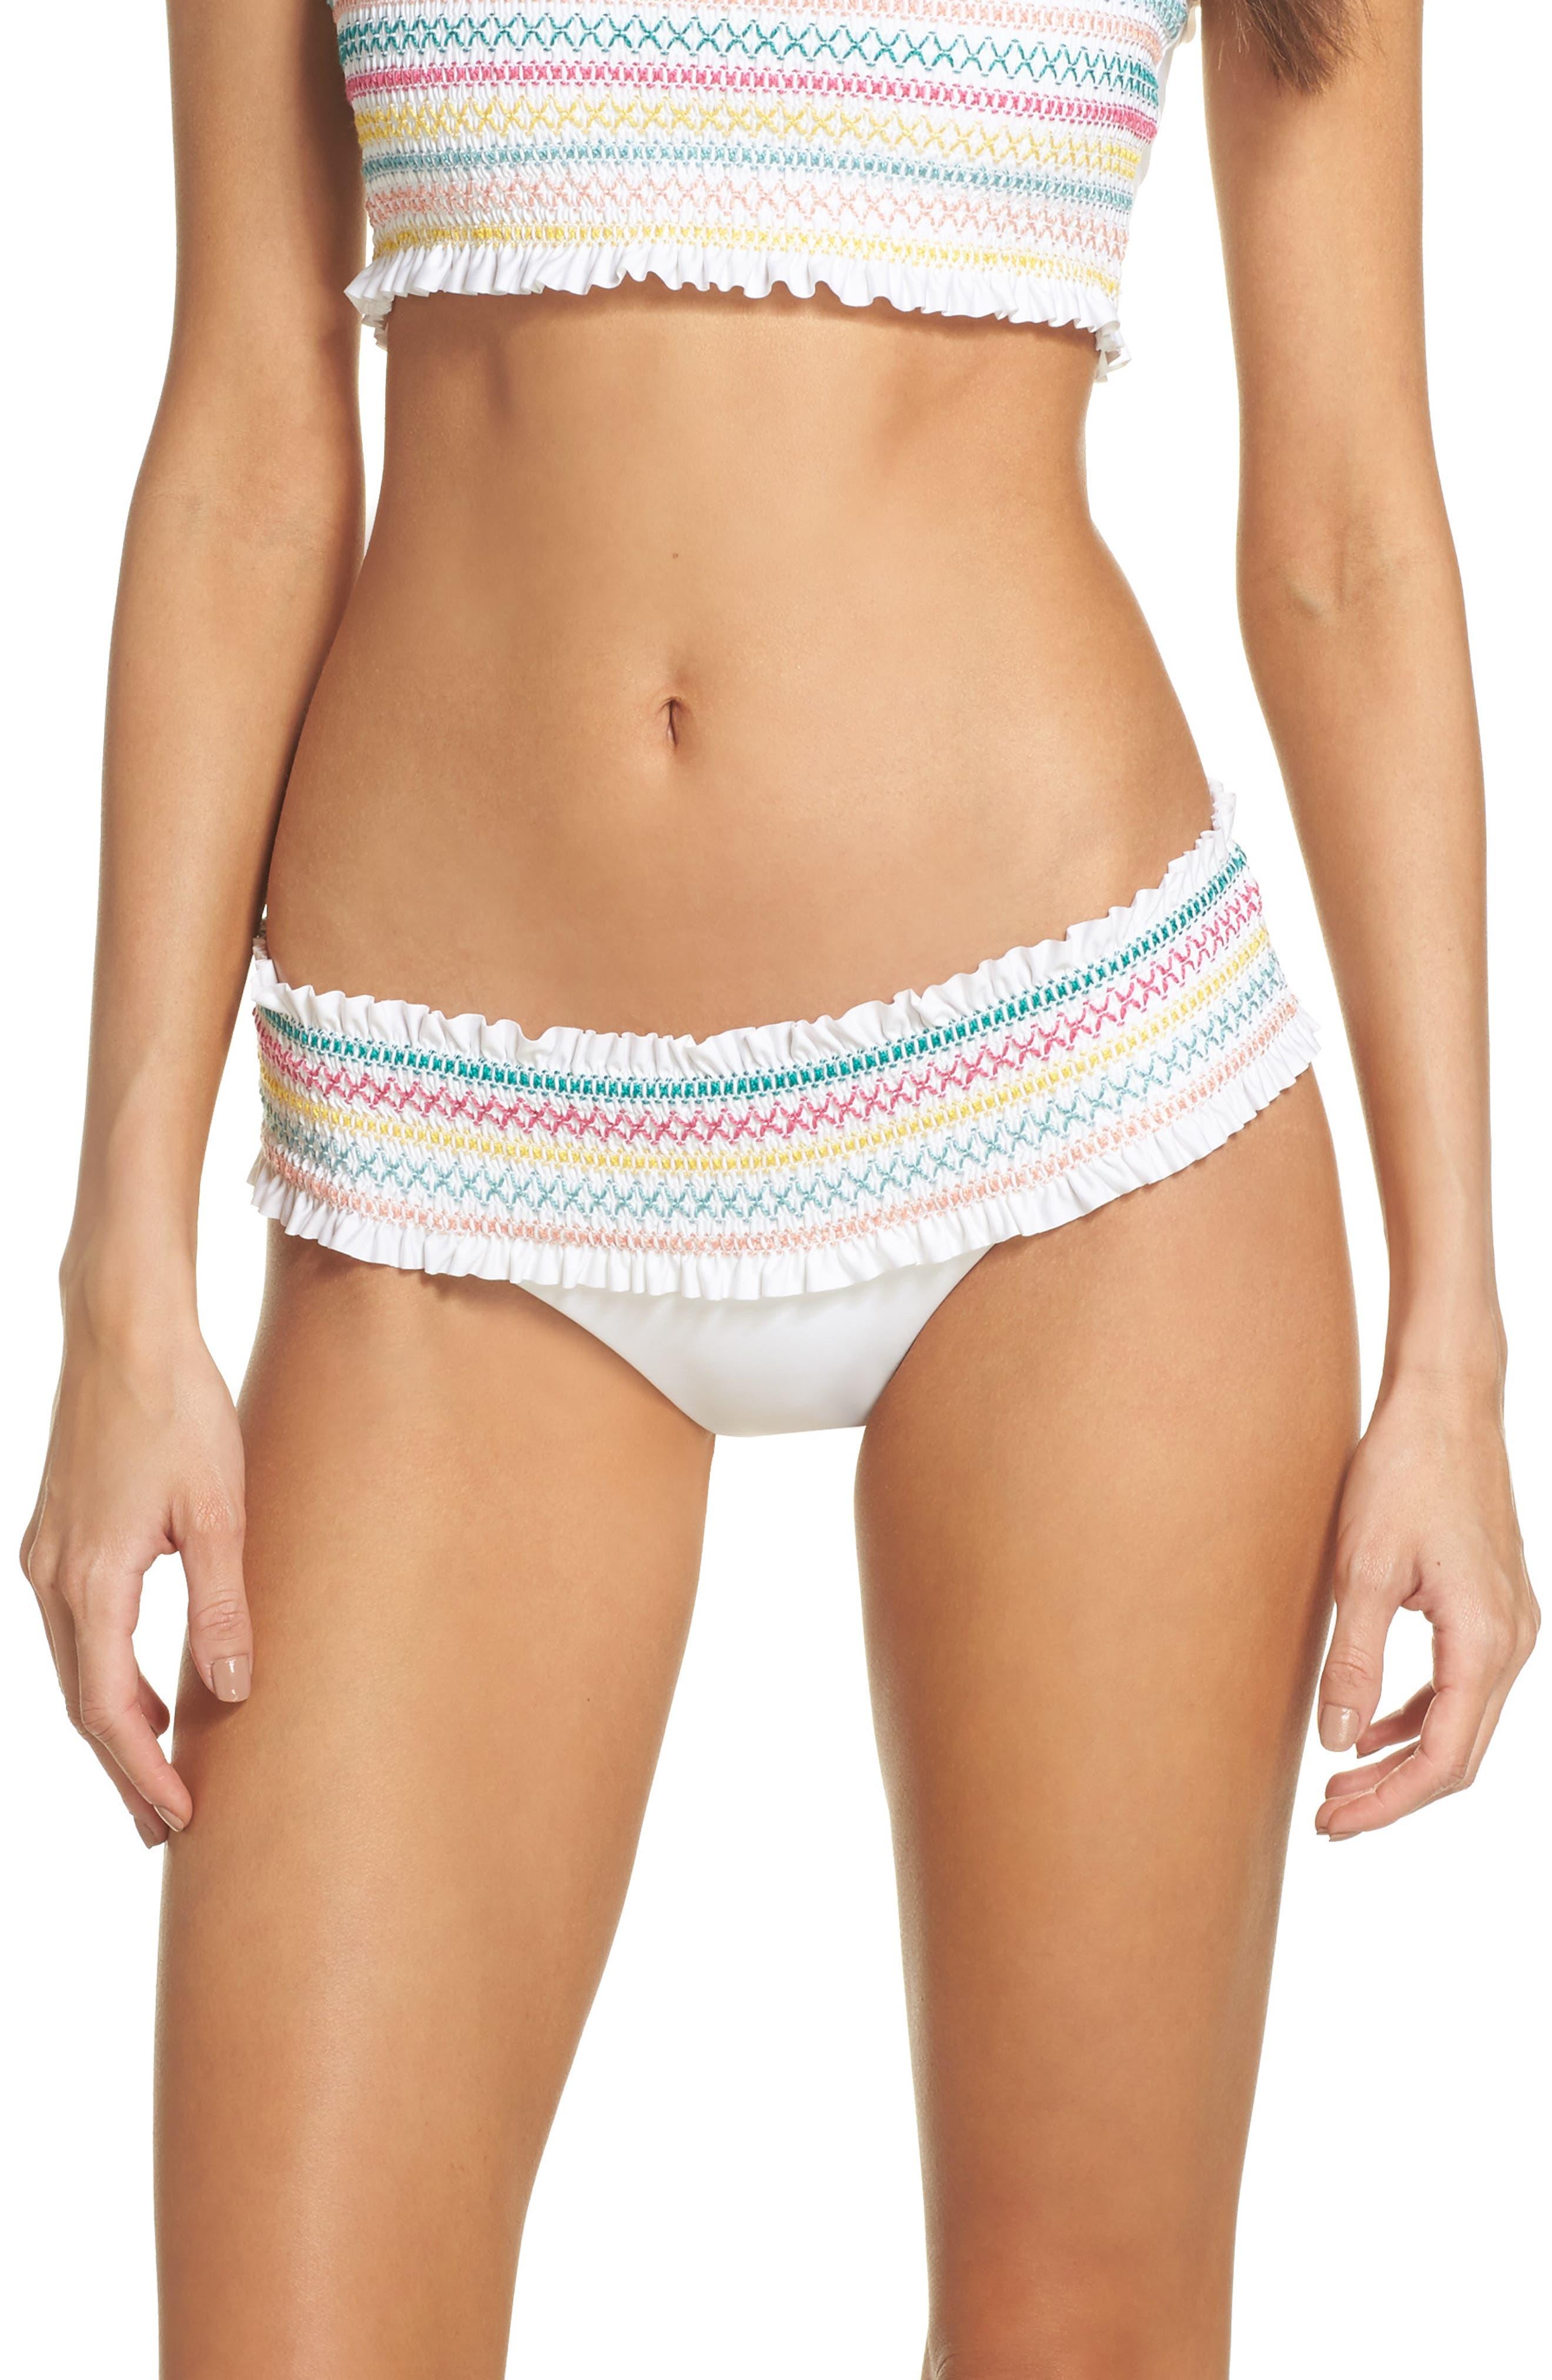 Crystal Cove Smocked Bikini Bottoms,                         Main,                         color, 100